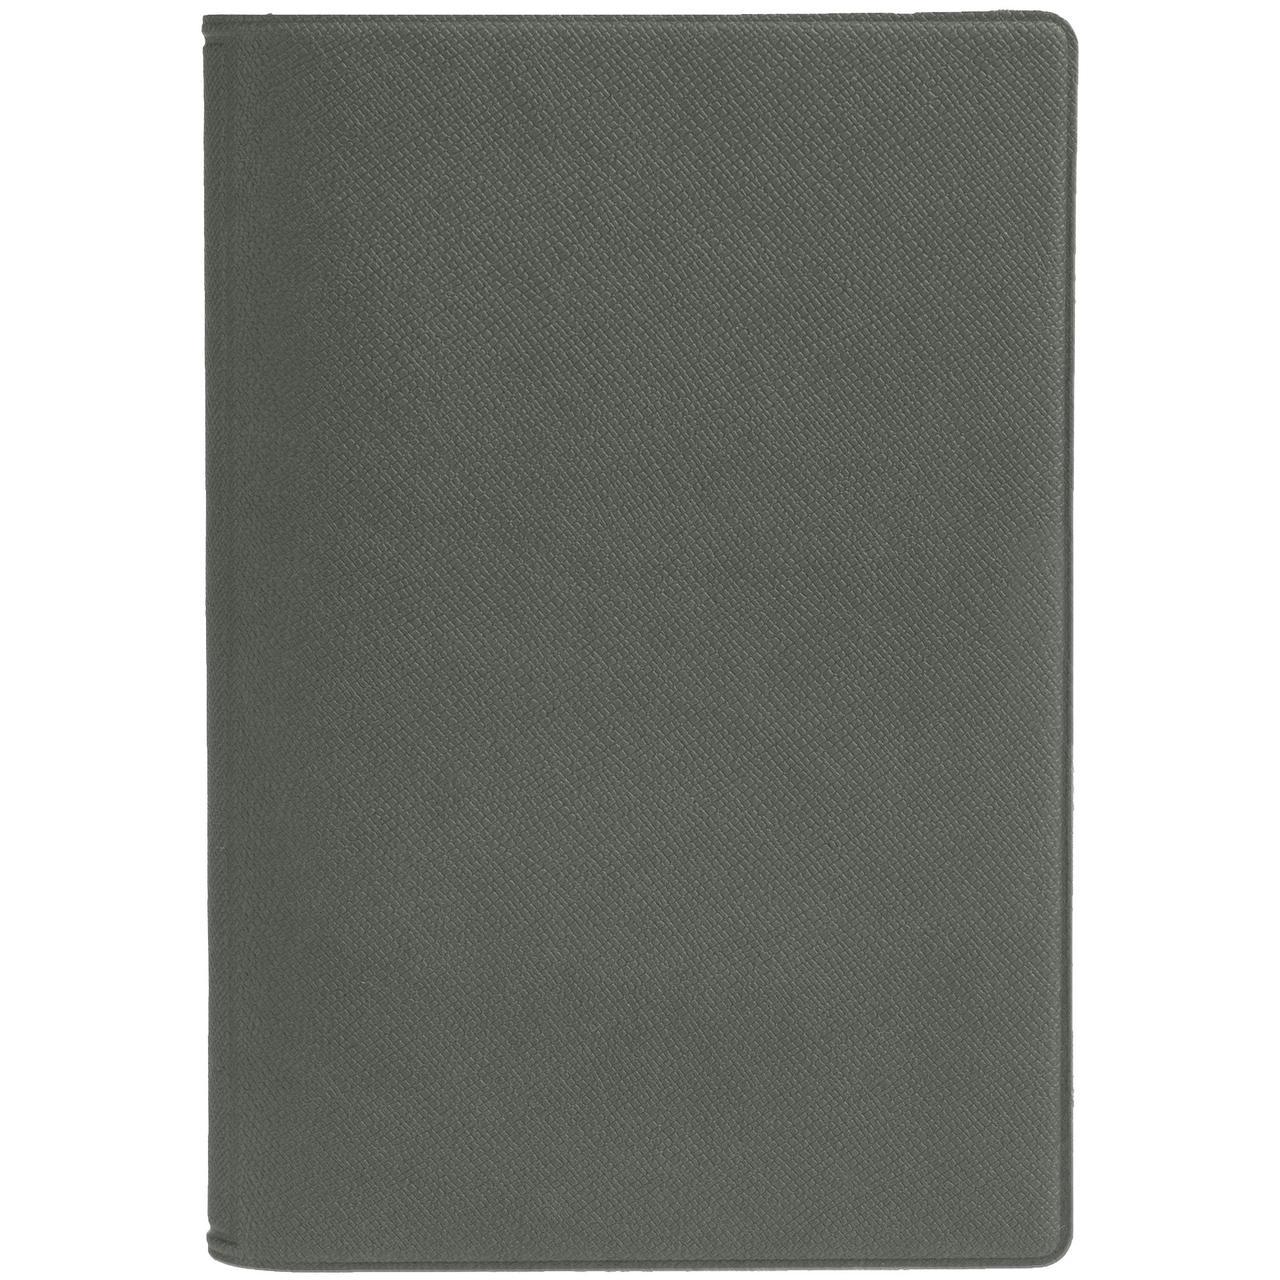 Обложка для паспорта Devon, серая (артикул 10266.11)